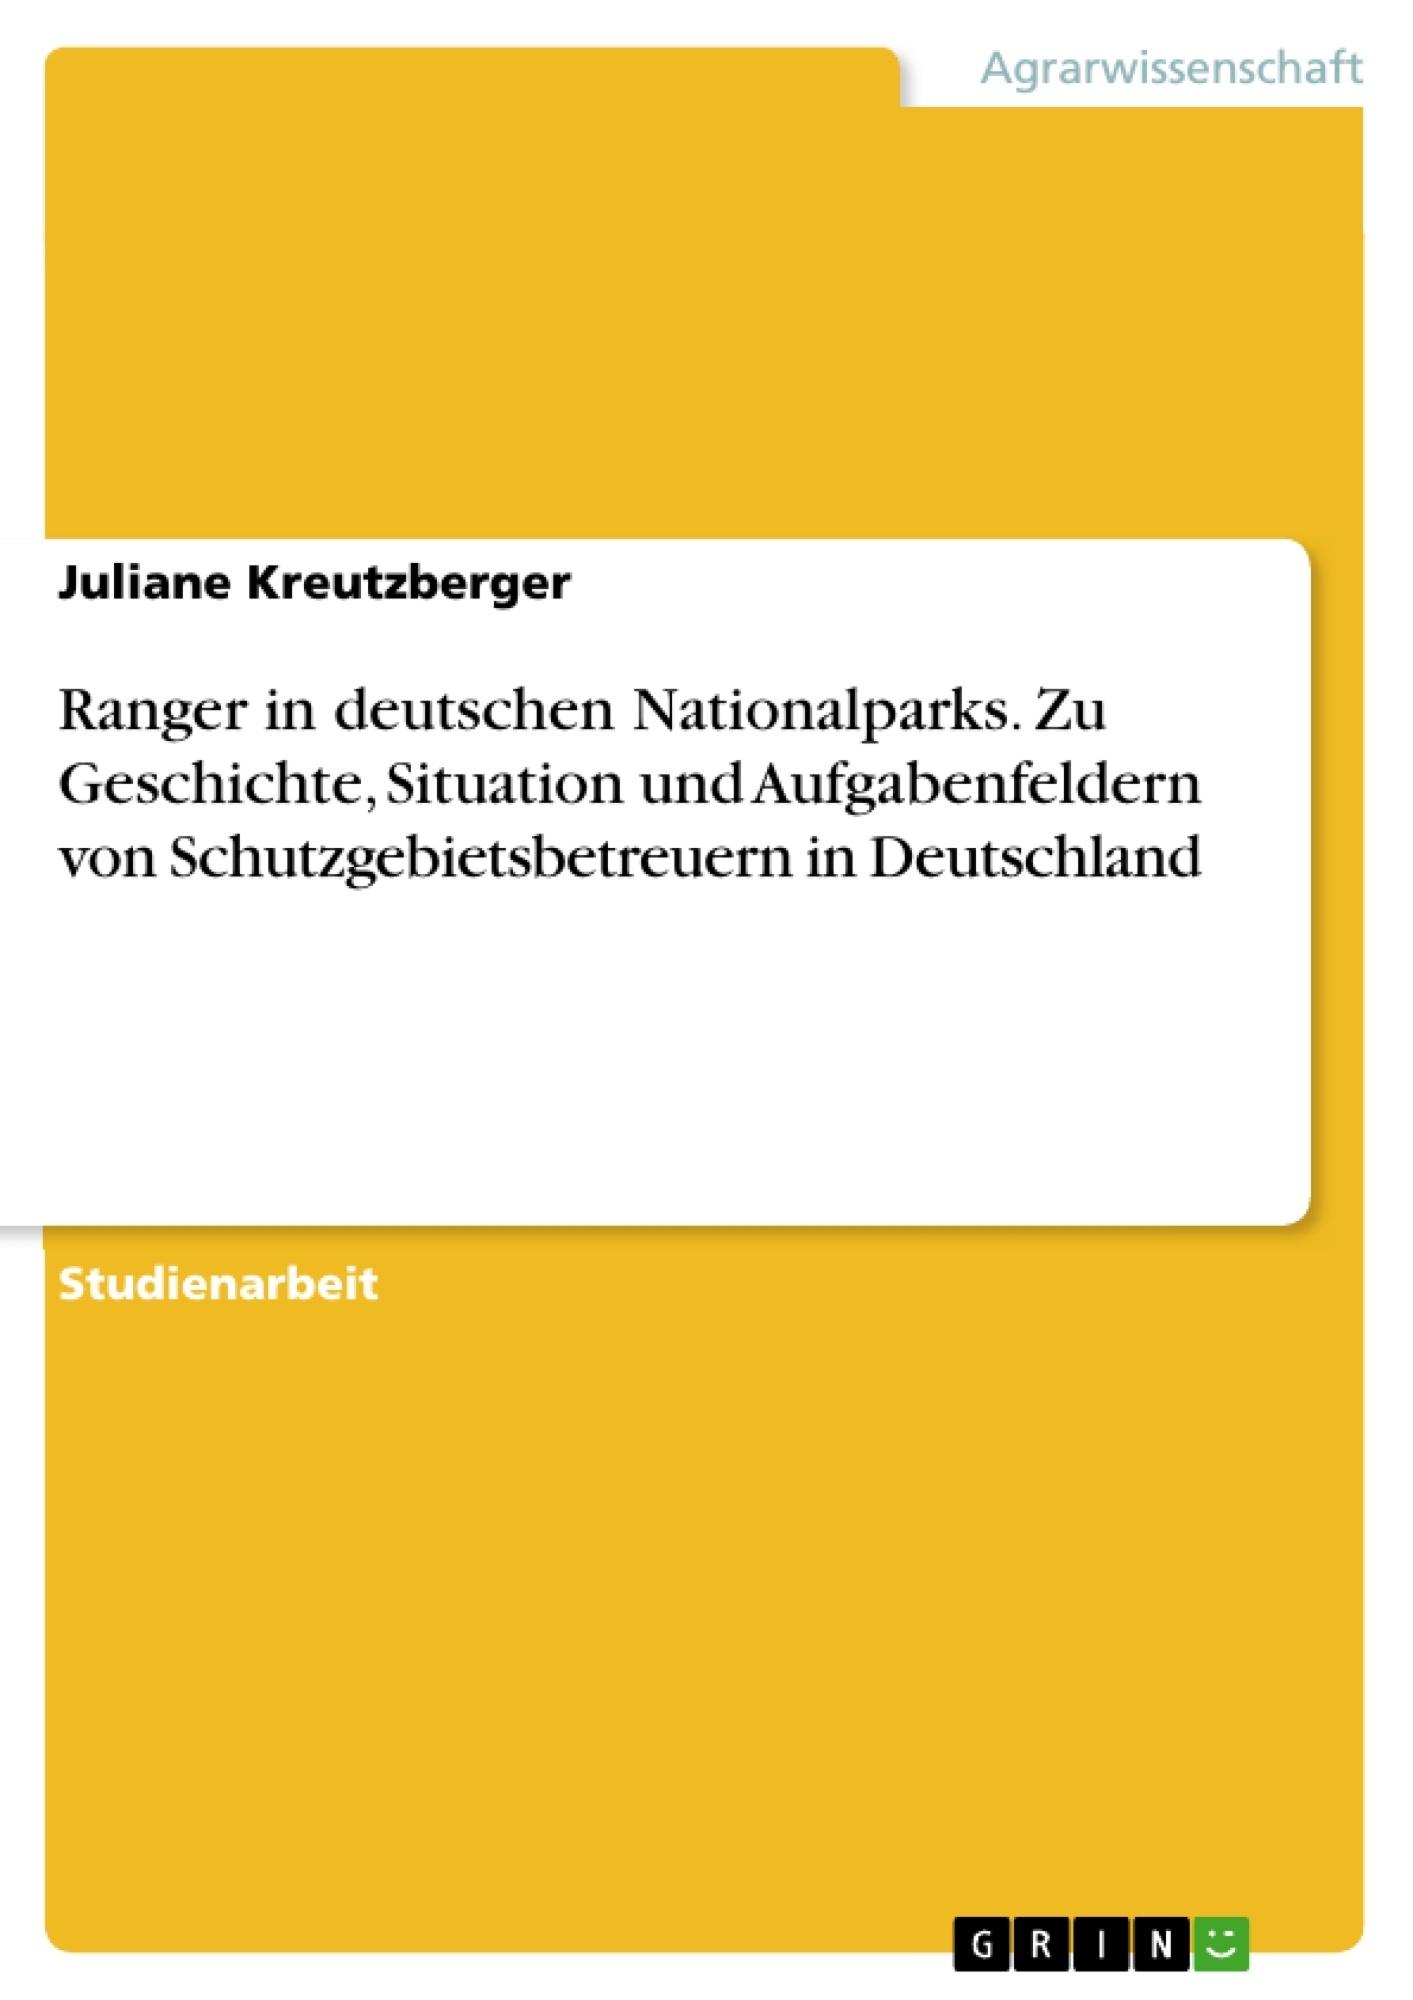 Titel: Ranger in deutschen Nationalparks. Zu Geschichte, Situation und Aufgabenfeldern von Schutzgebietsbetreuern in Deutschland